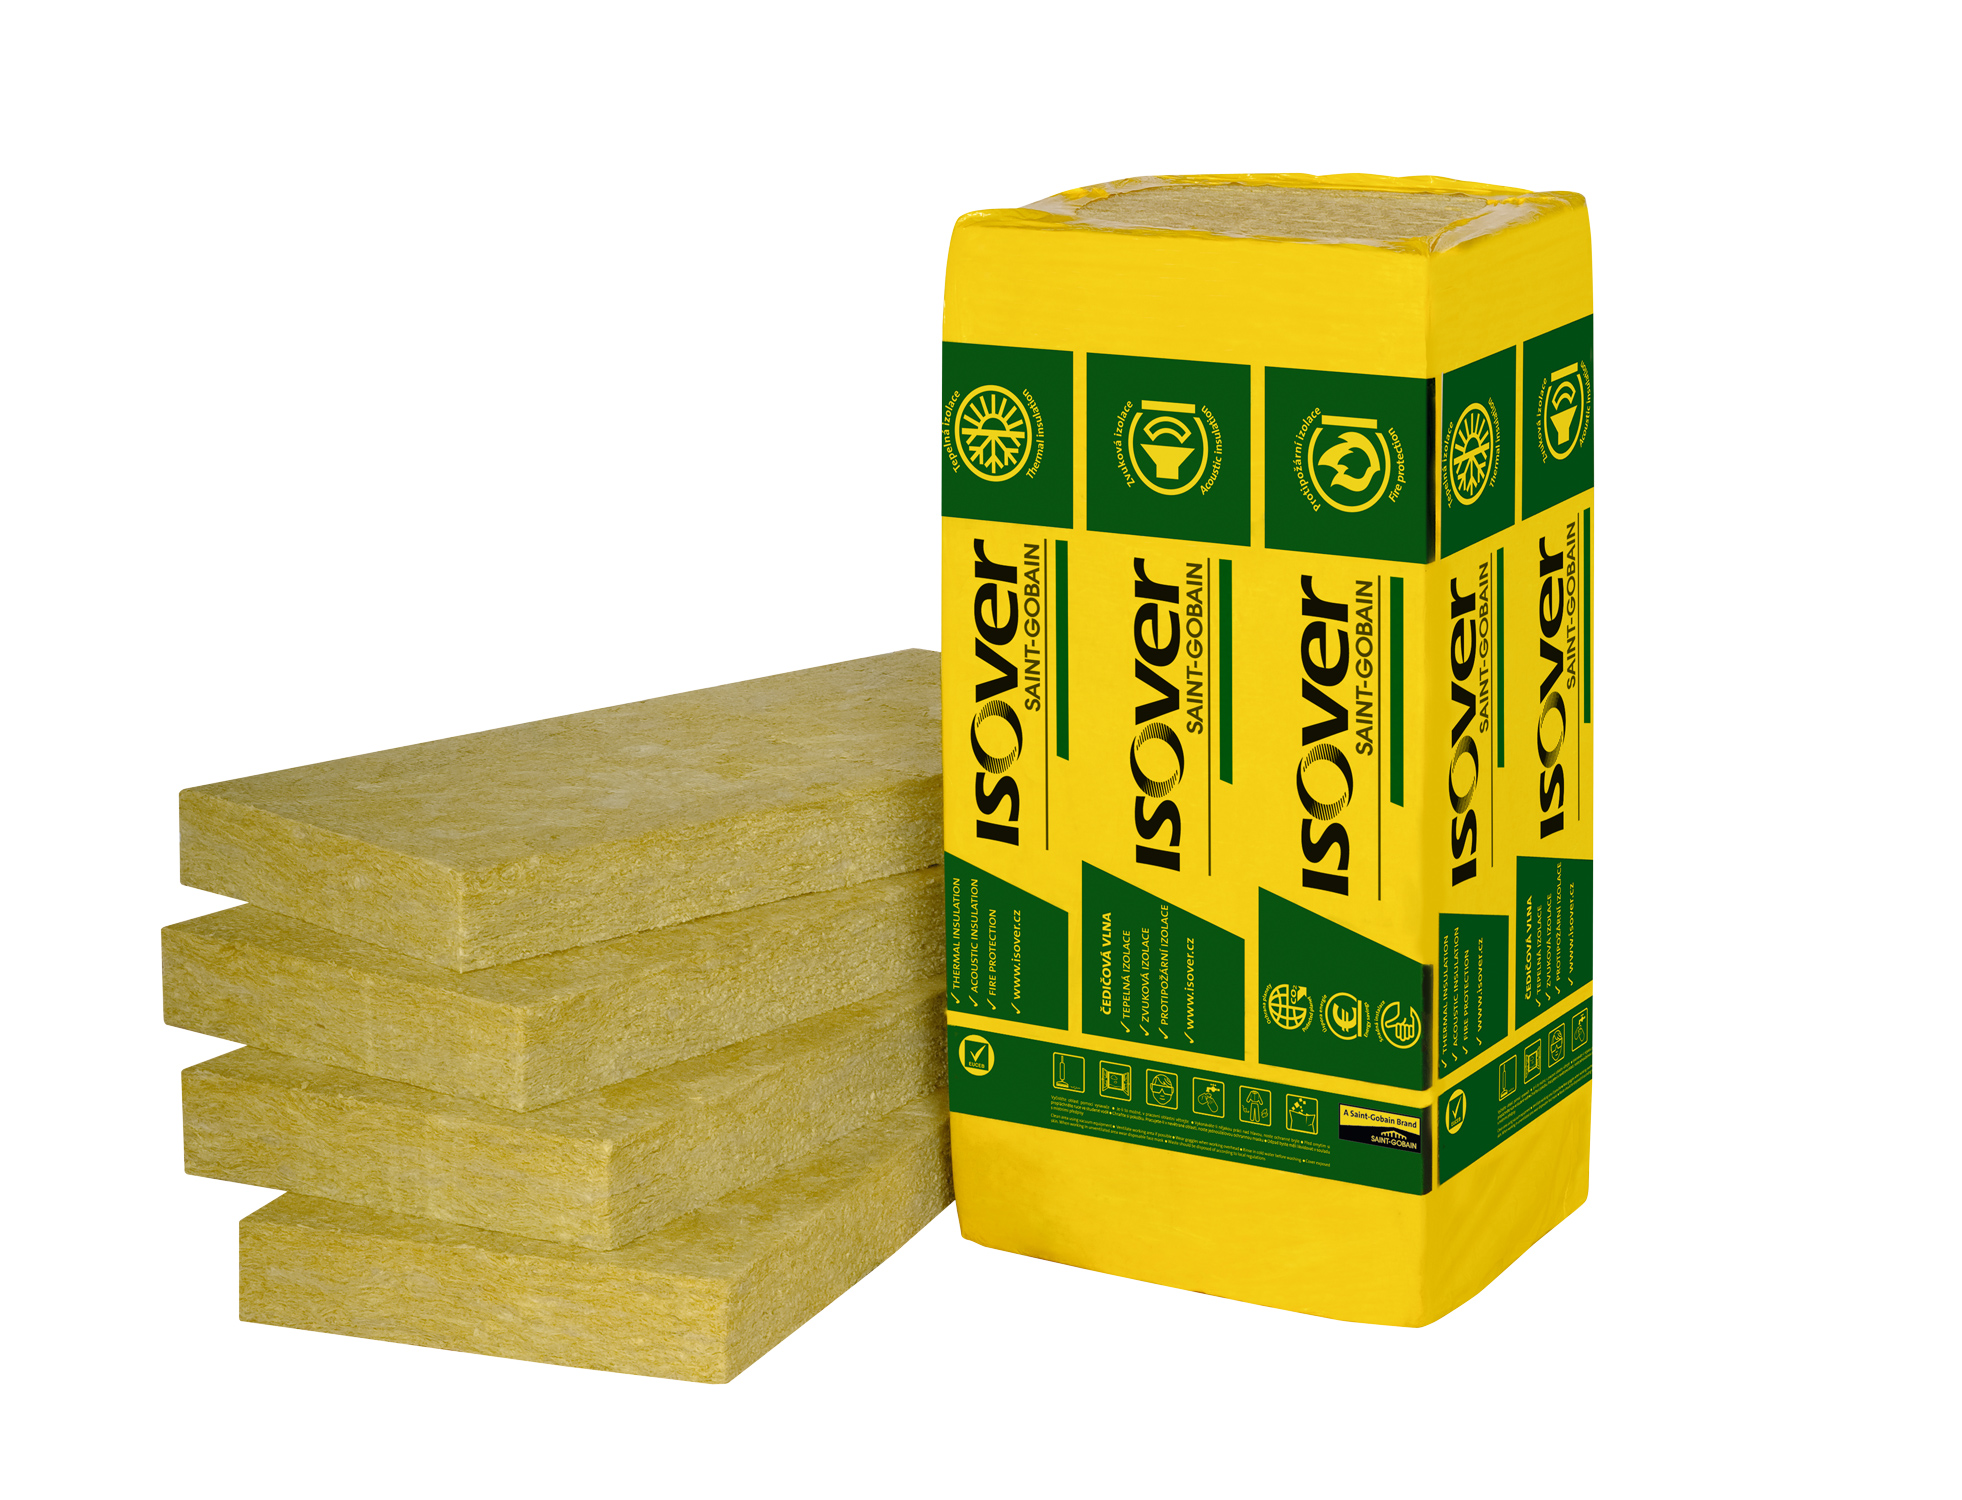 Minerální vata ISOVER UNI desky 200 mm (1200x600 mm), cena za m2